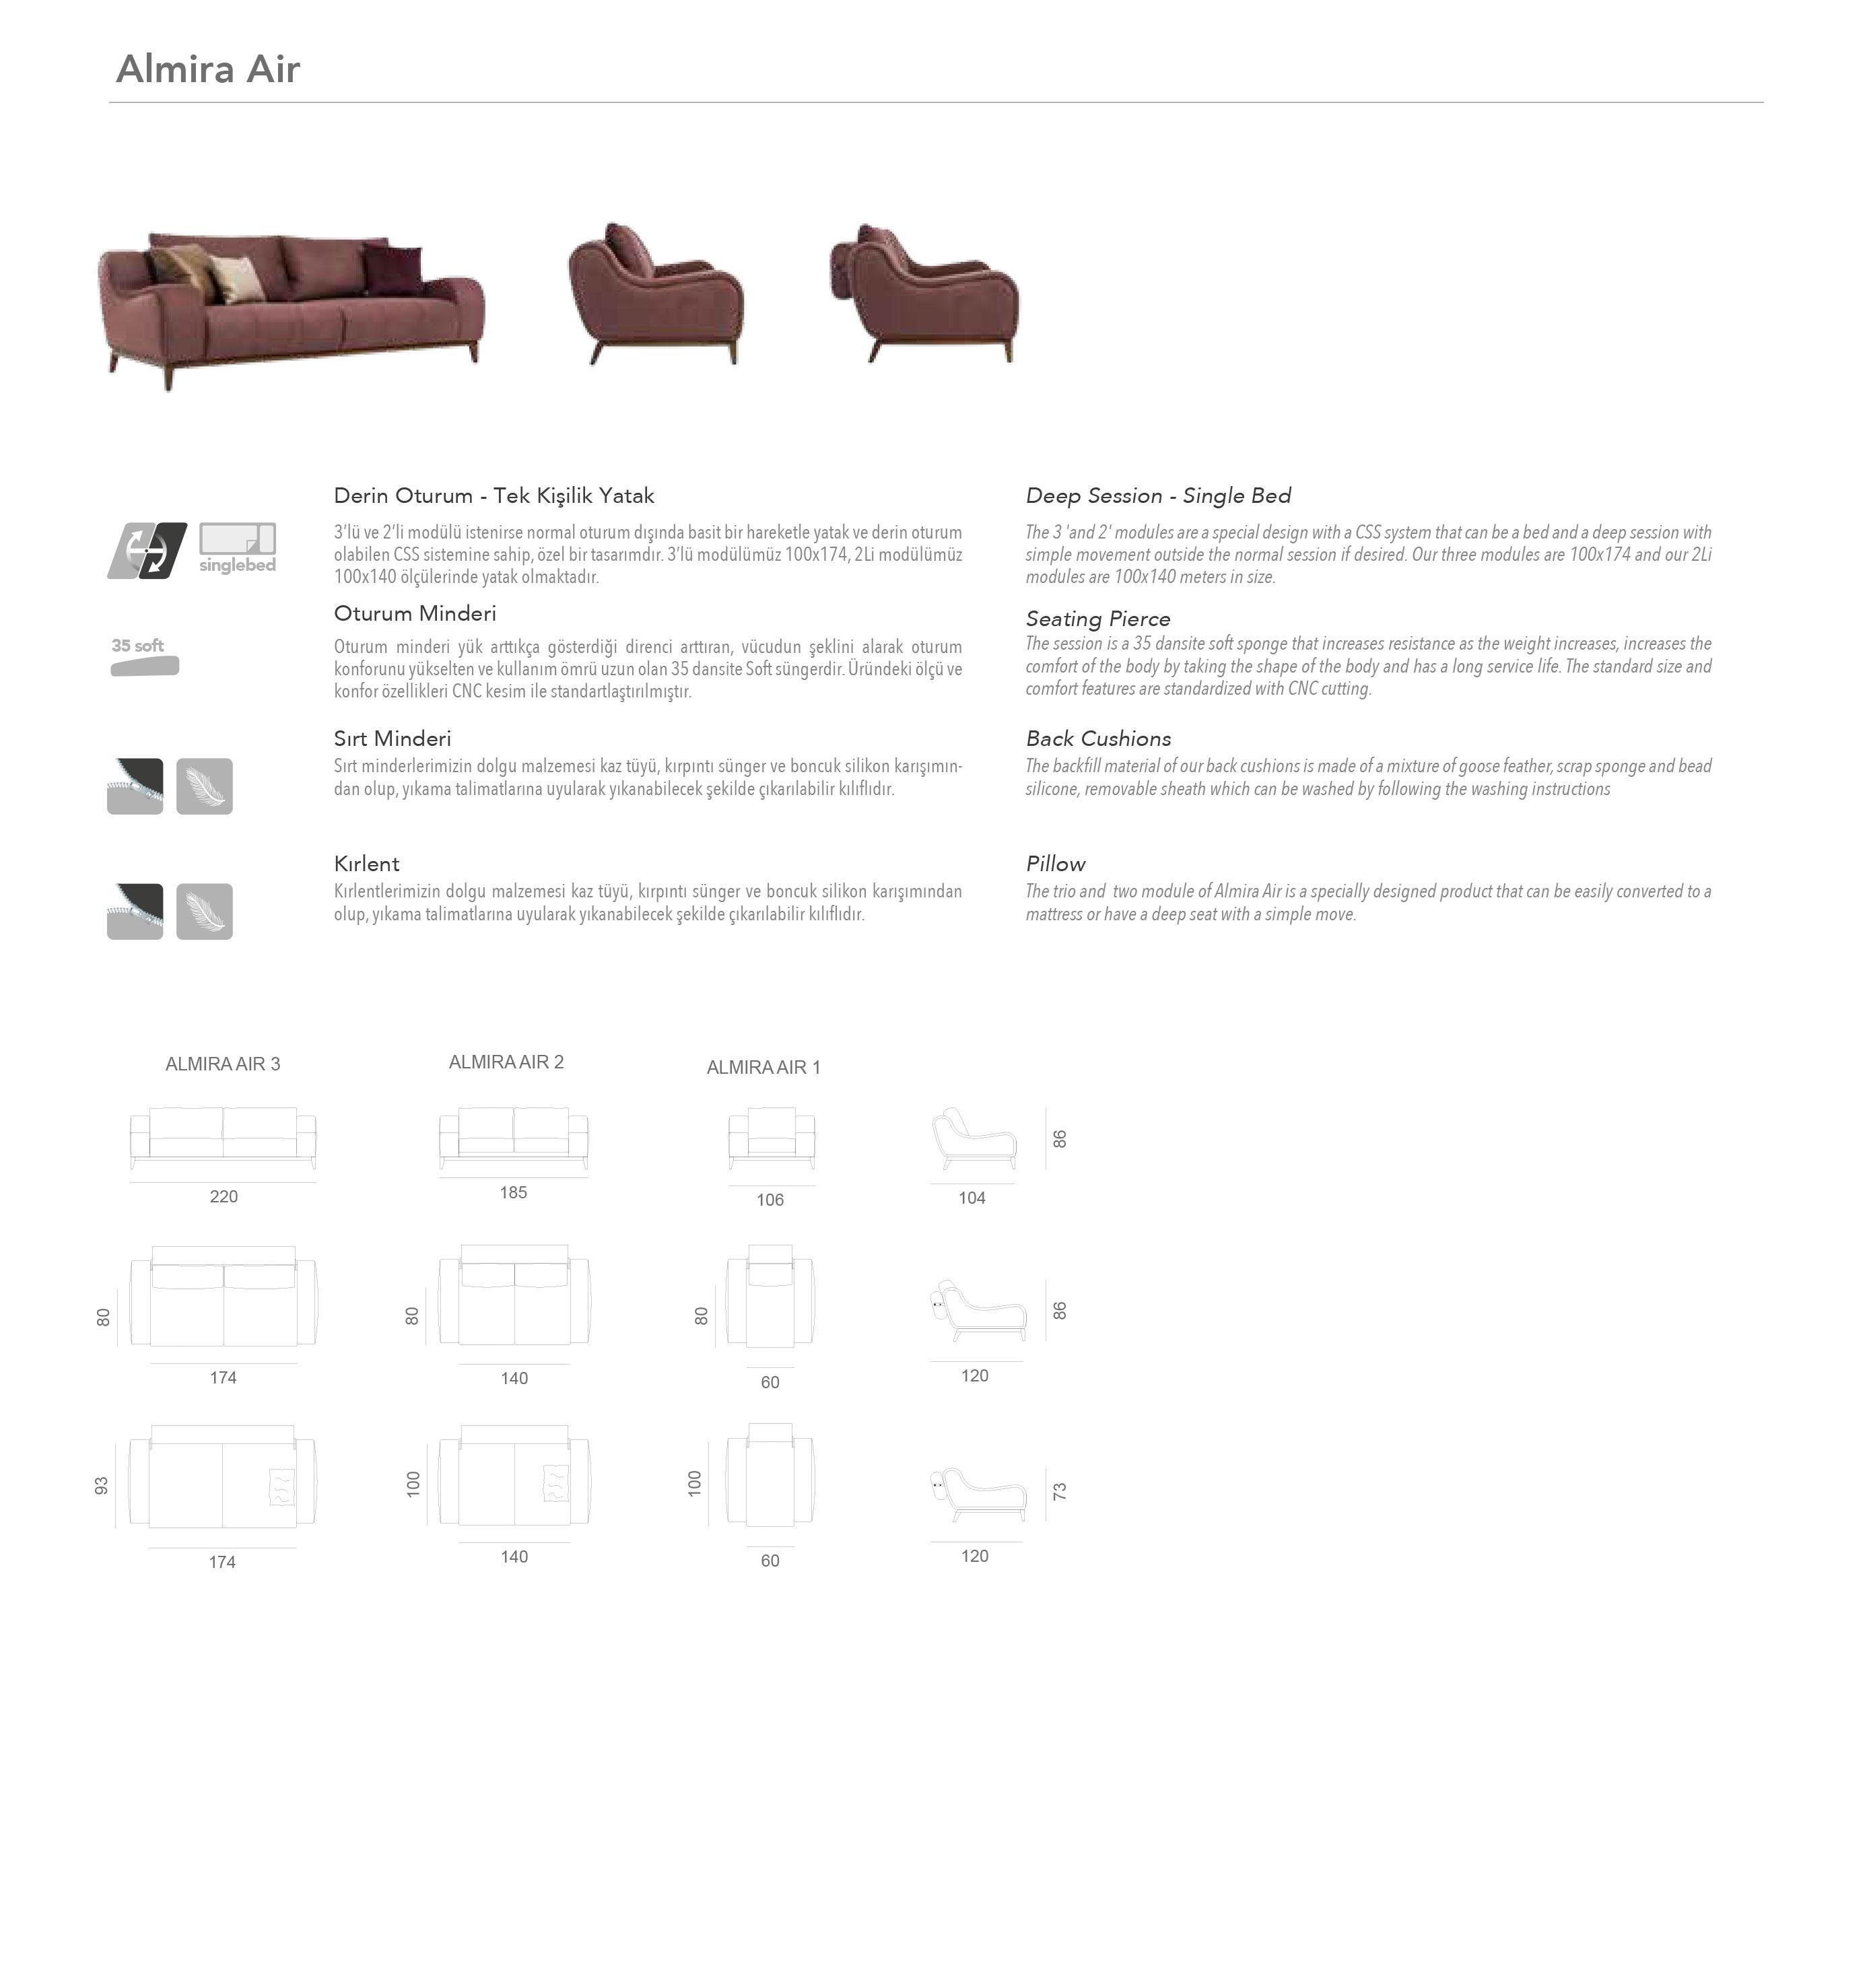 almira-air-sofa-set